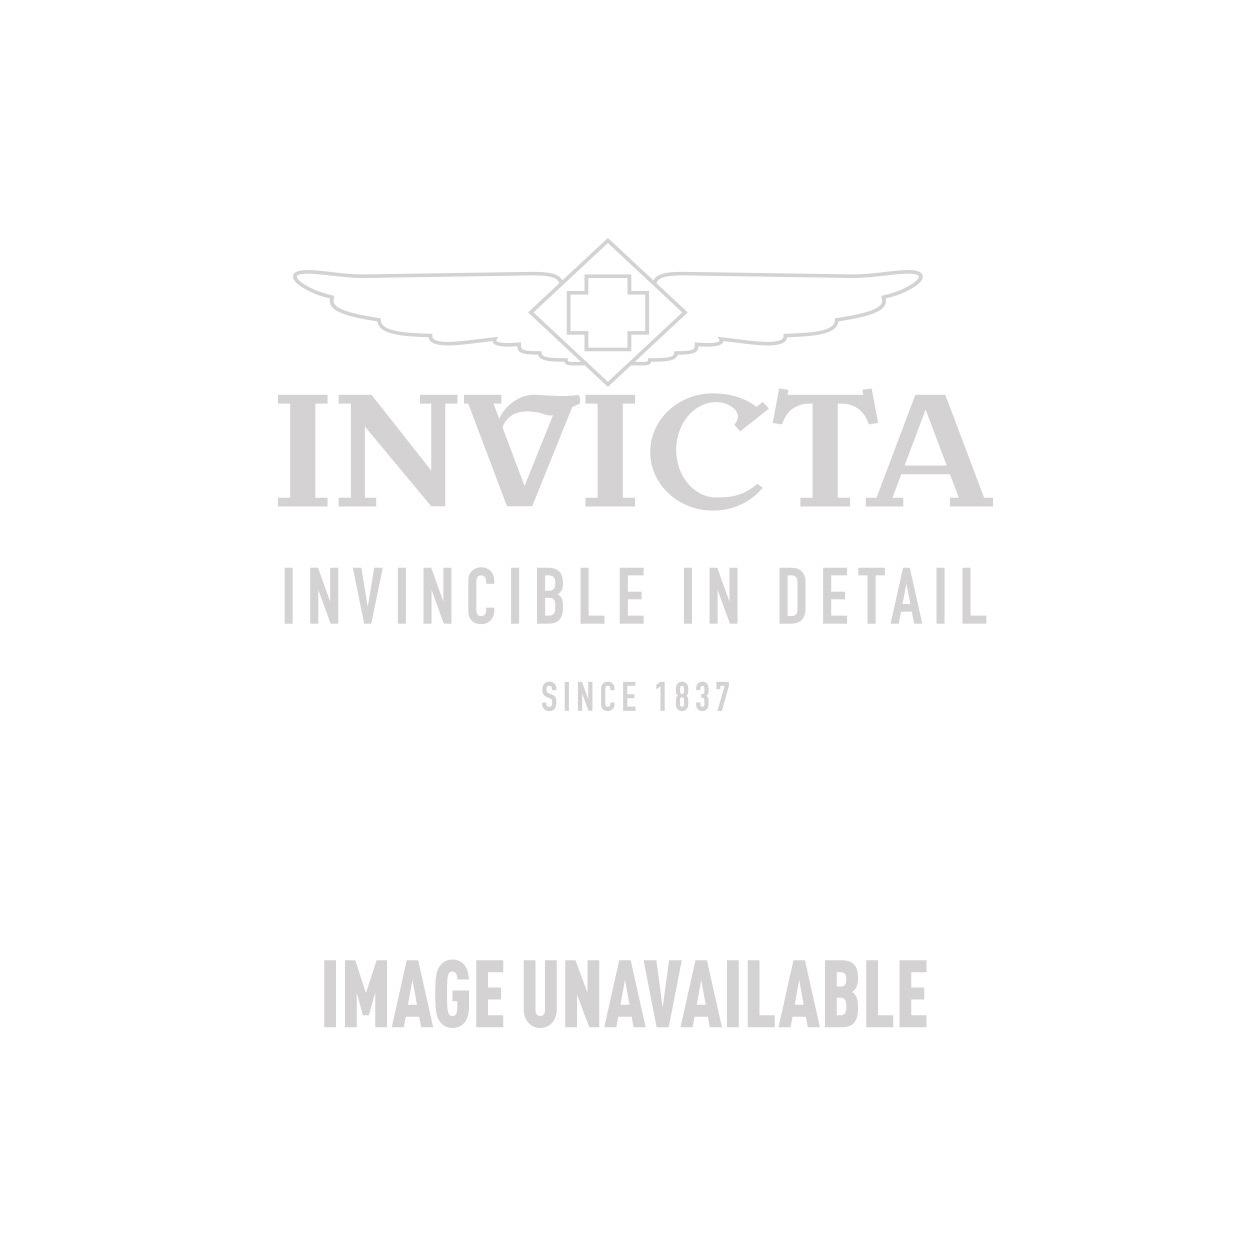 Invicta Model 29150